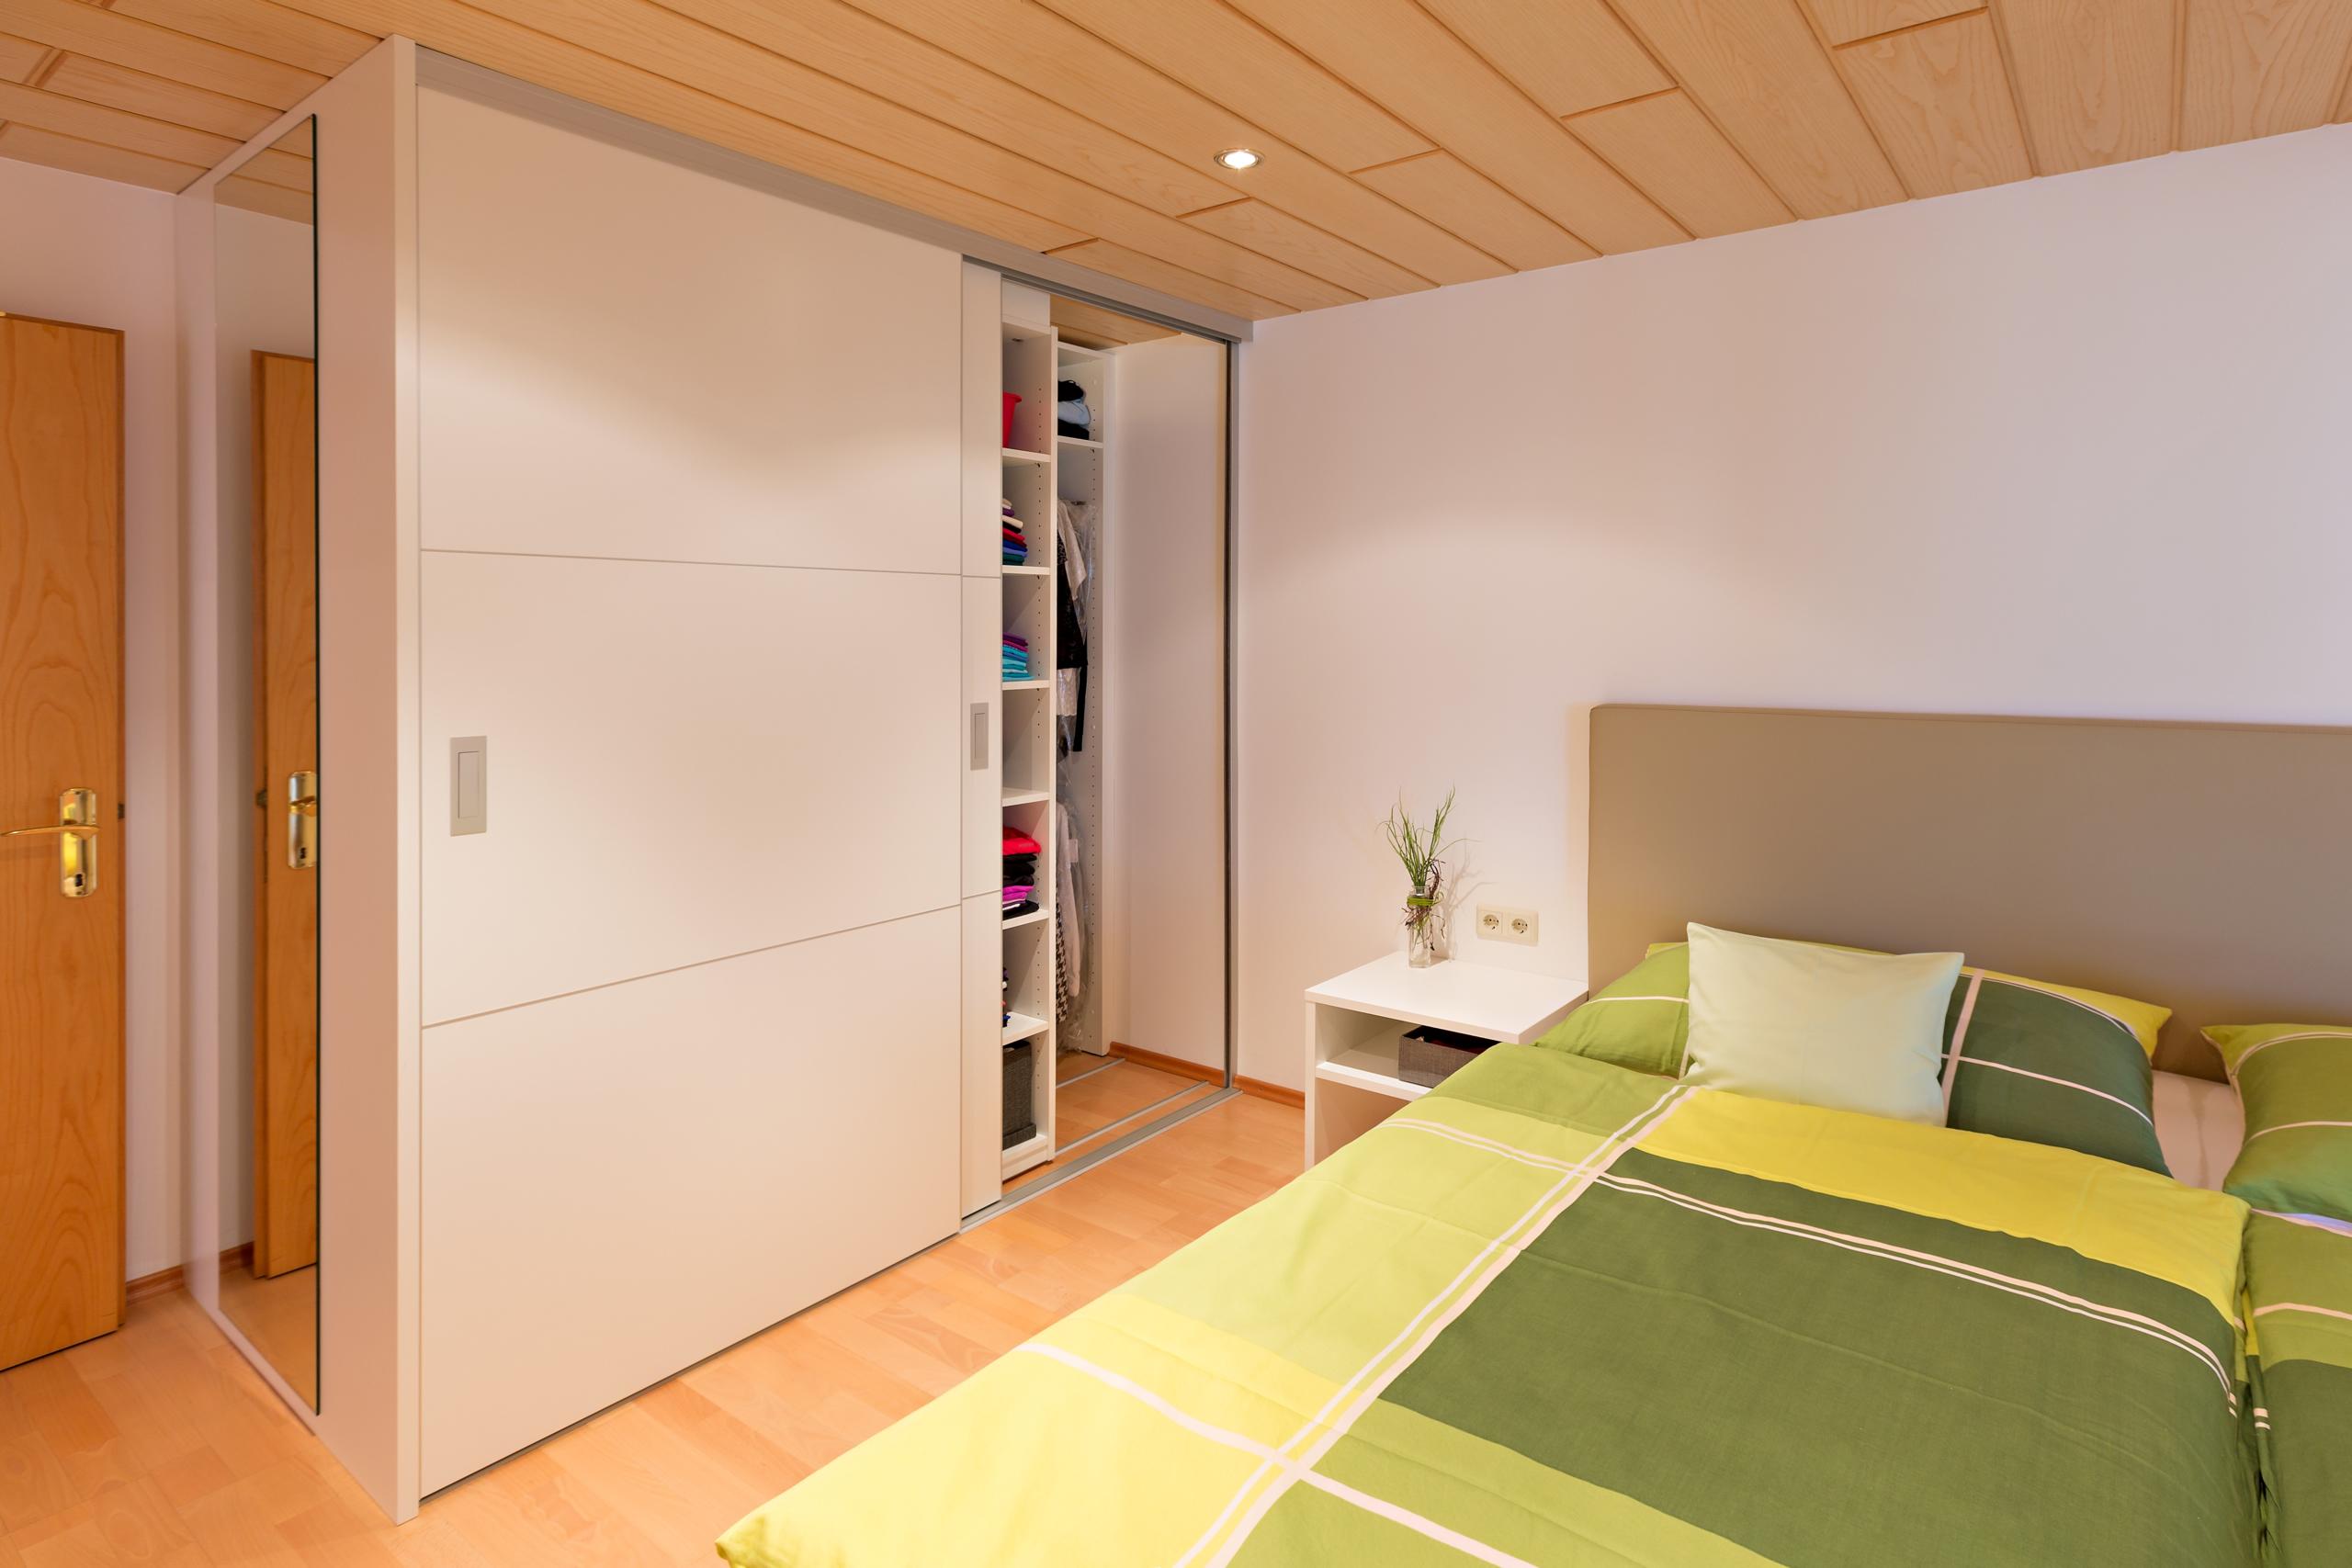 Raumhohe schieberegale im begehbaren schlafzimmerschrank for Schlafzimmerschrank tiefe